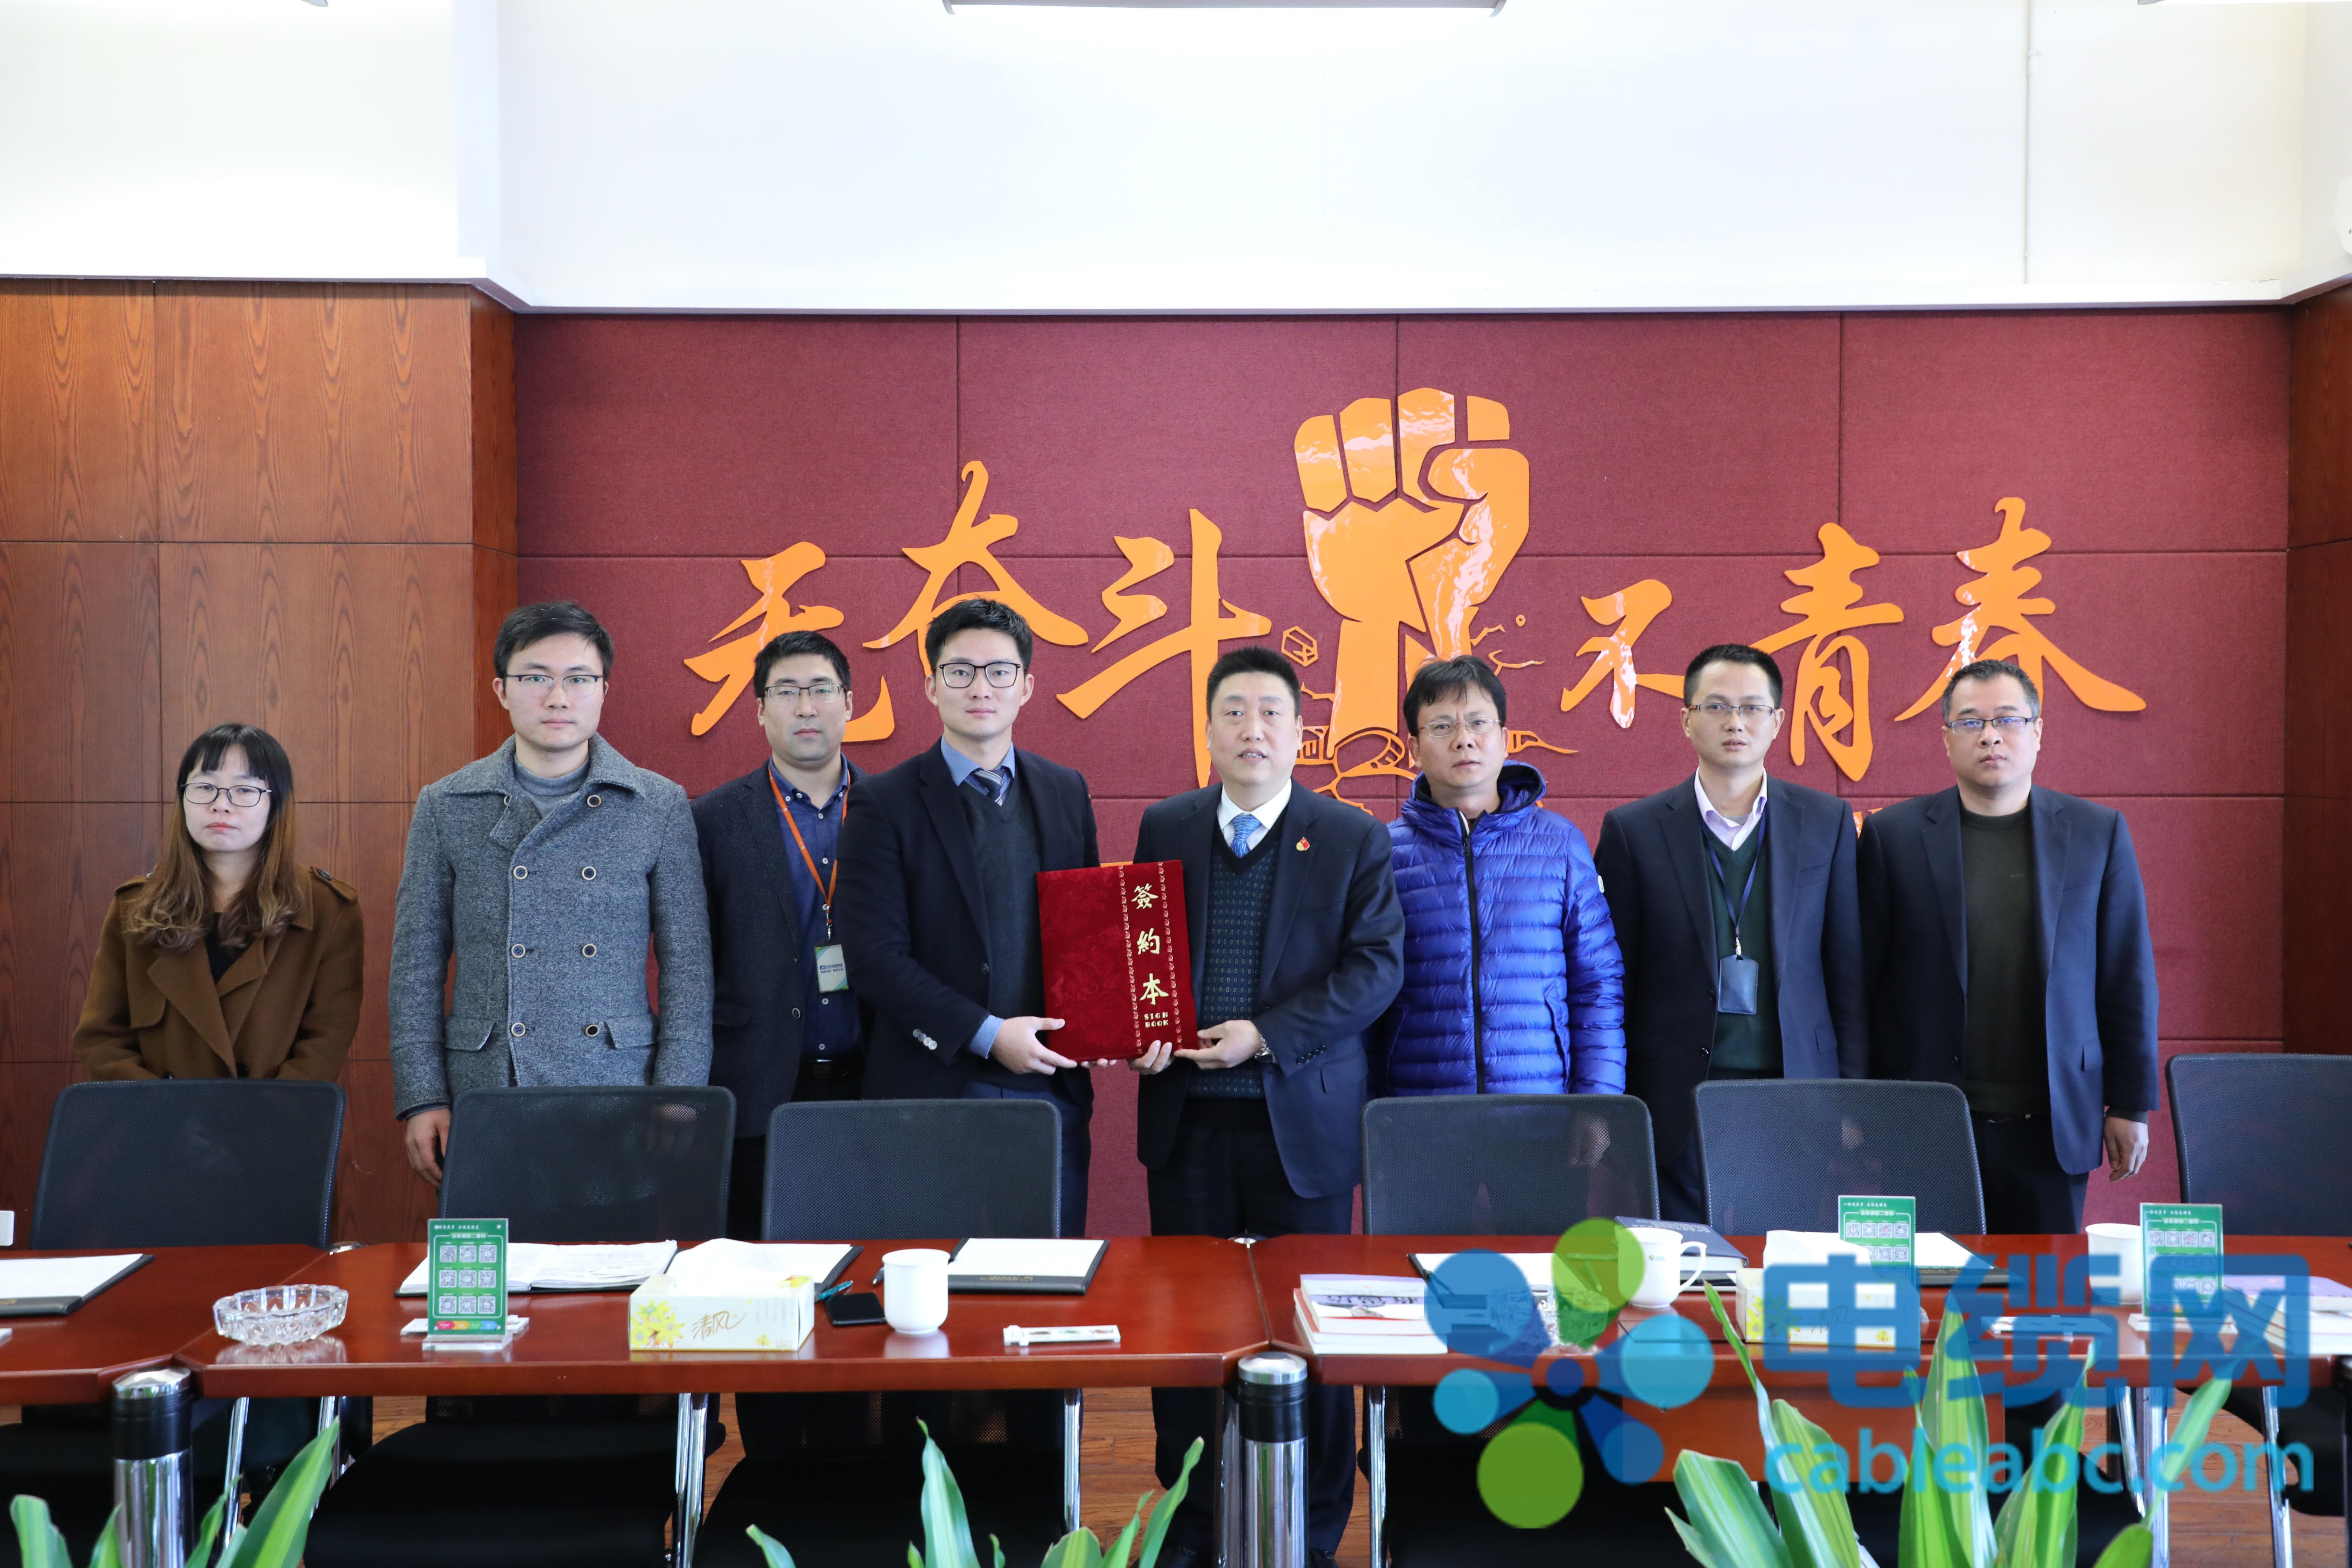 强强联合共谋发展  交易中心与亨通精工签订战略合作协议